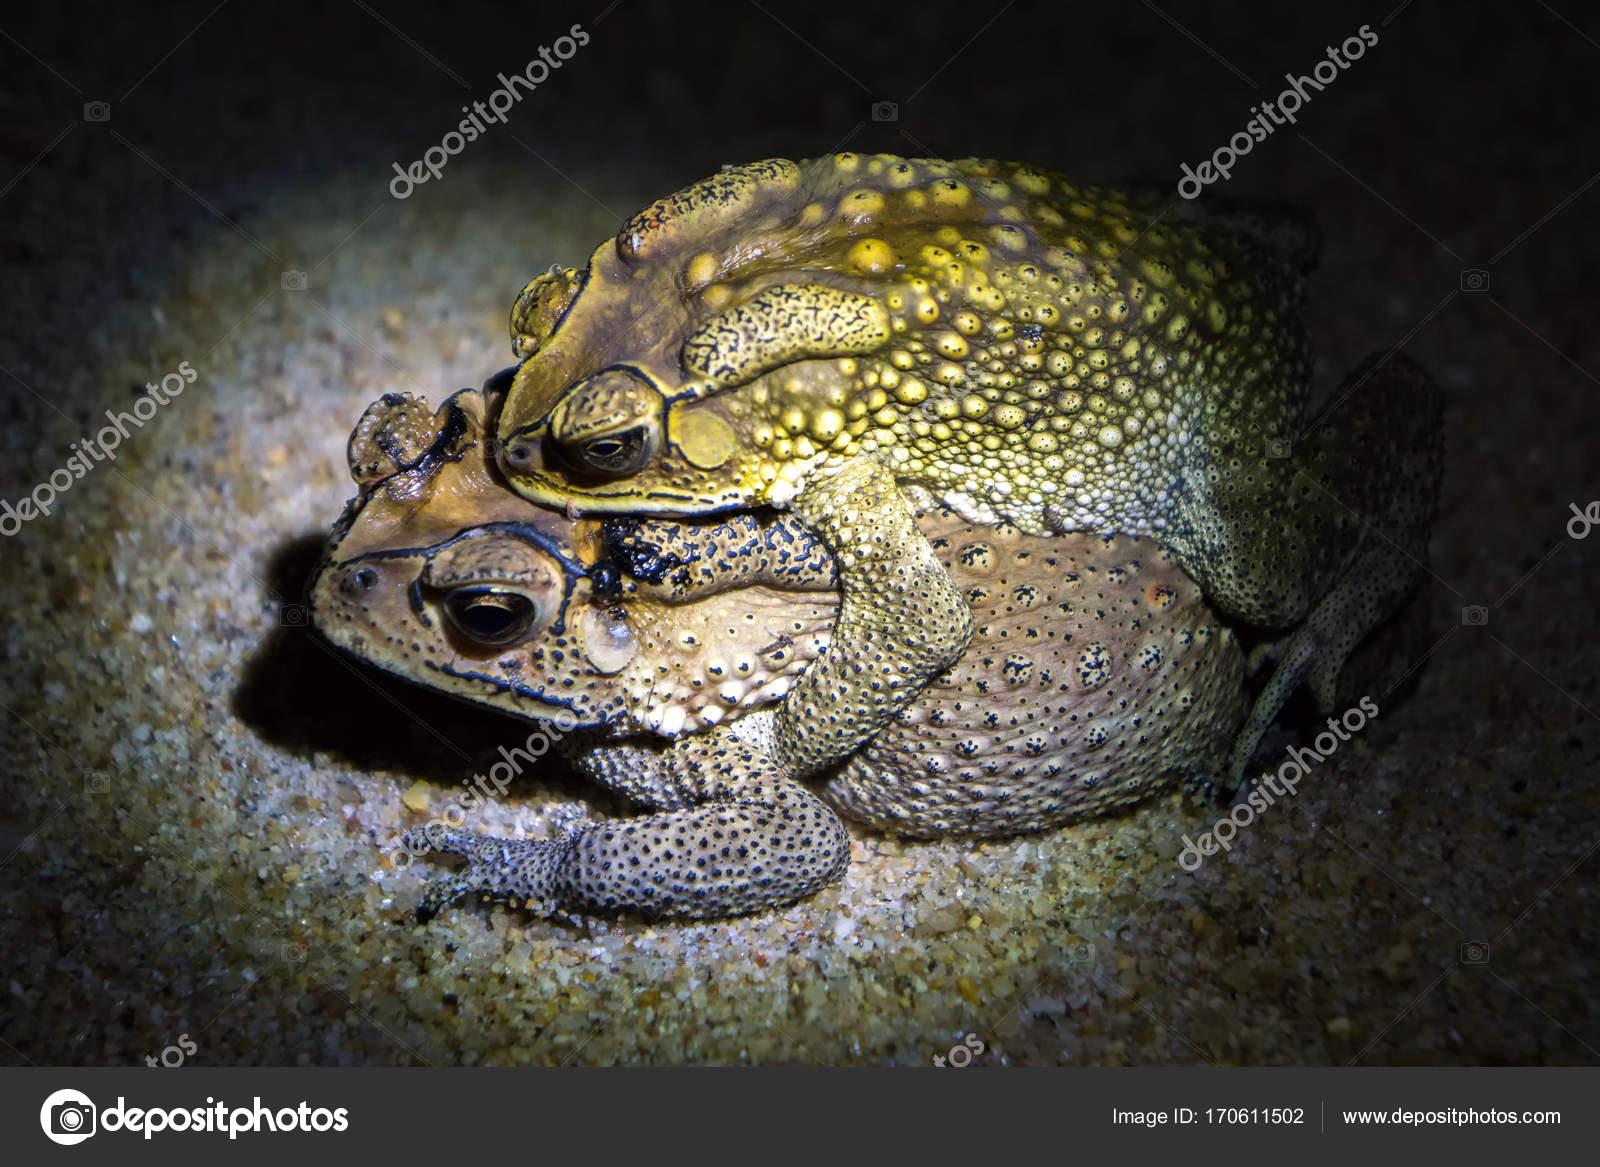 Gemeinsamen braunen Kröten zu reproduzieren, in der Nacht, weibliche ...